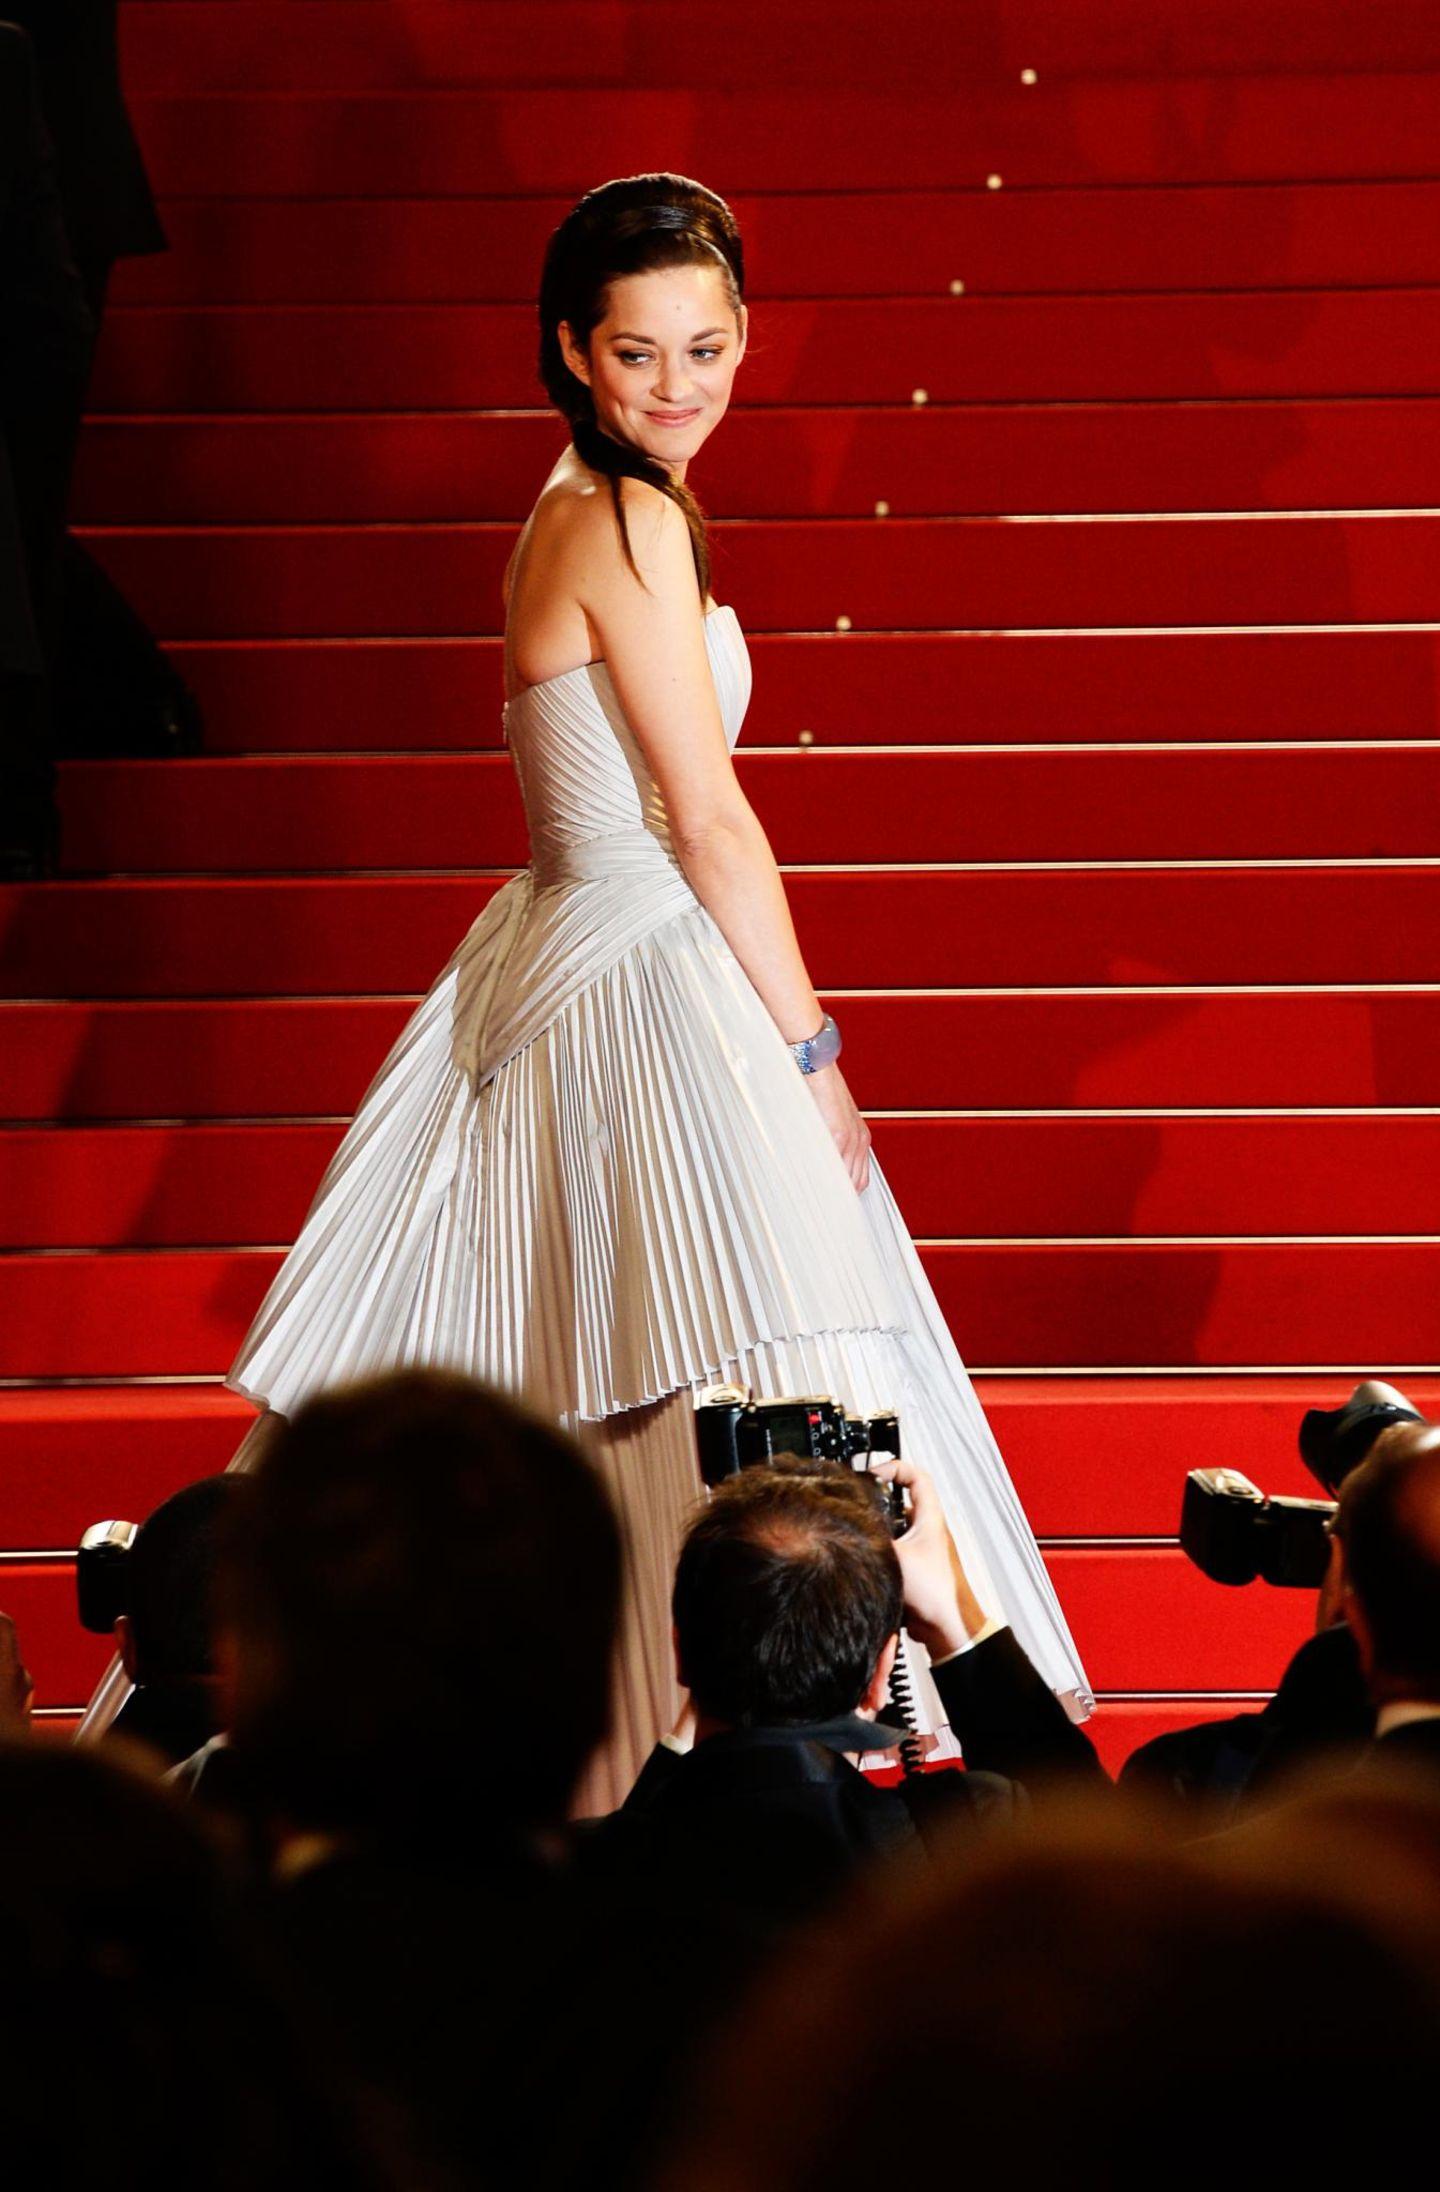 """Am 8. Tag der Filmfestspiele verzaubert Marion Cotillard bei der Premiere von """"L'Homme Qu'on Aimait Trop"""" die Fotografen."""